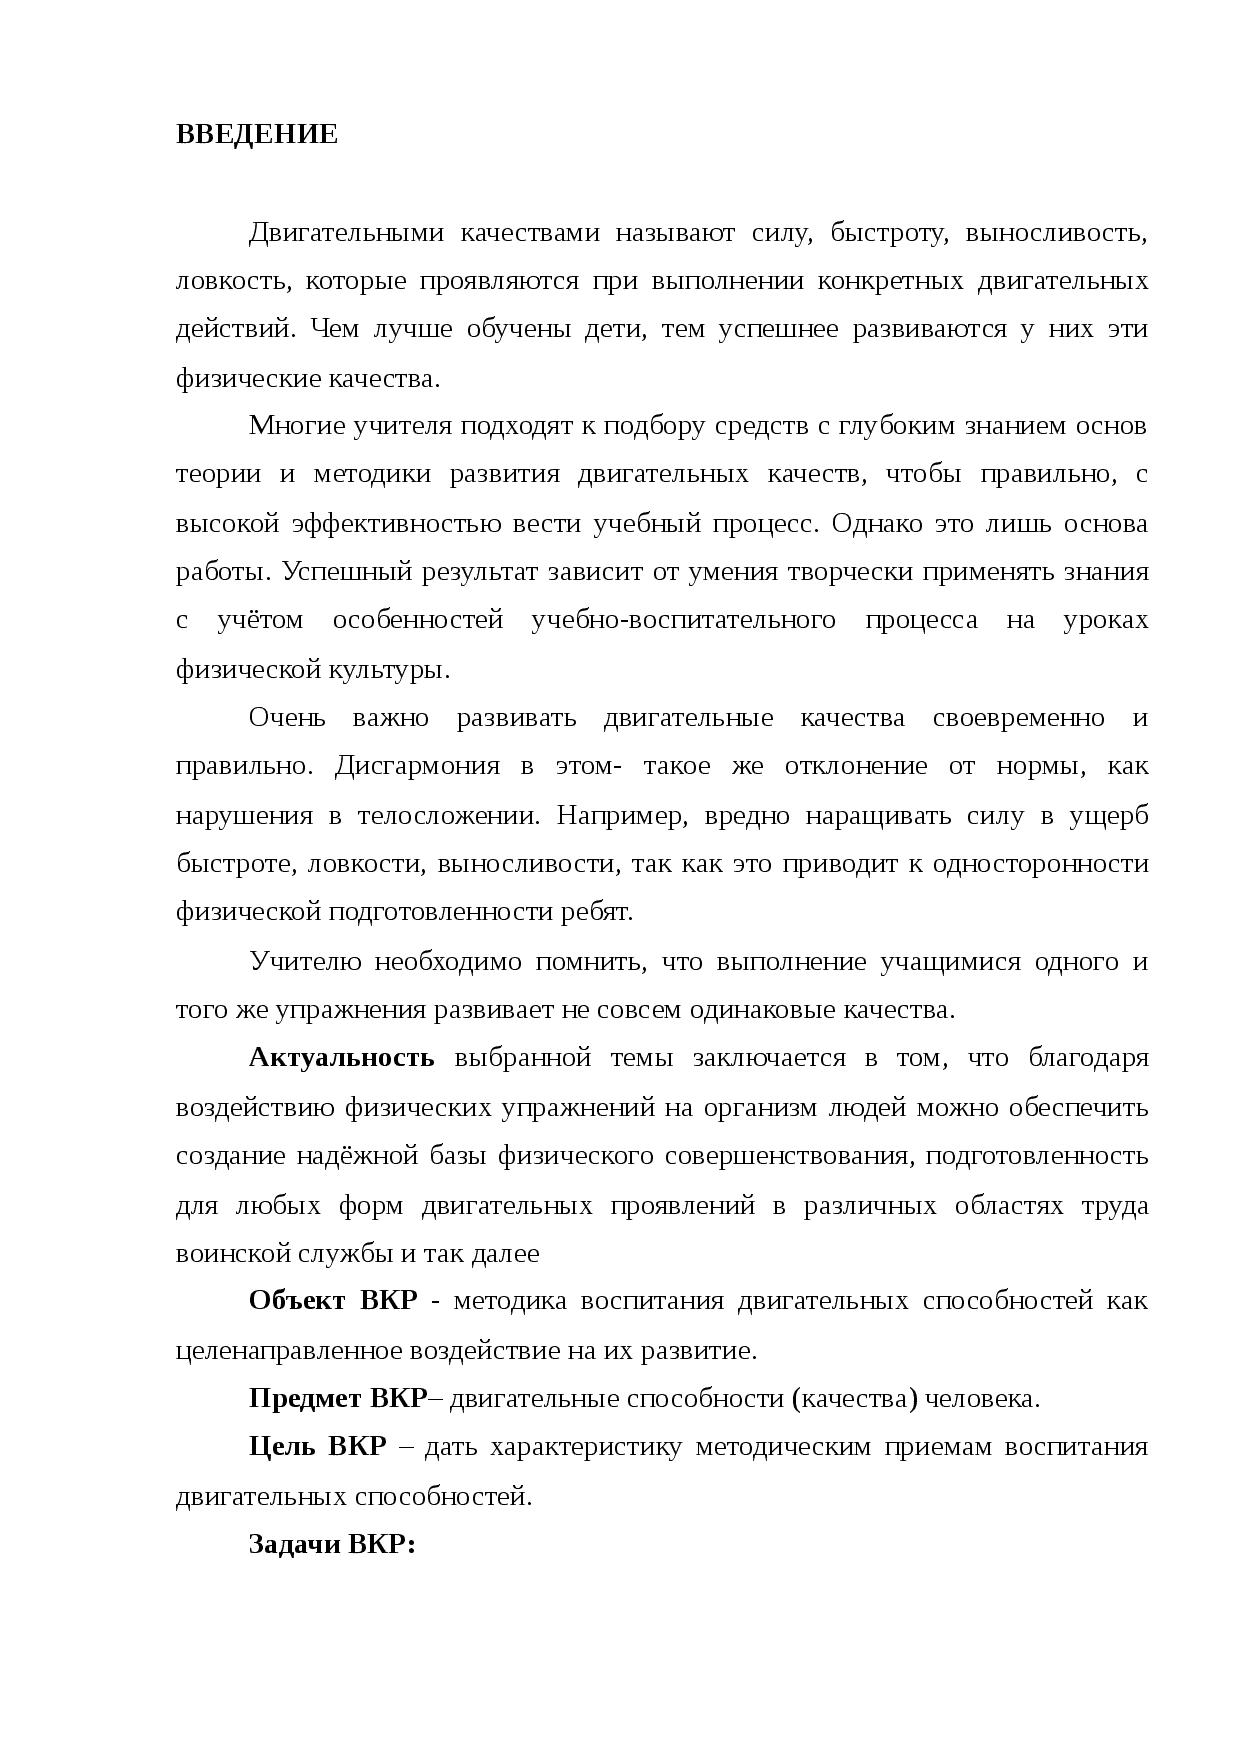 Физические качества человека и способы их развития (стр. 1 из 2)